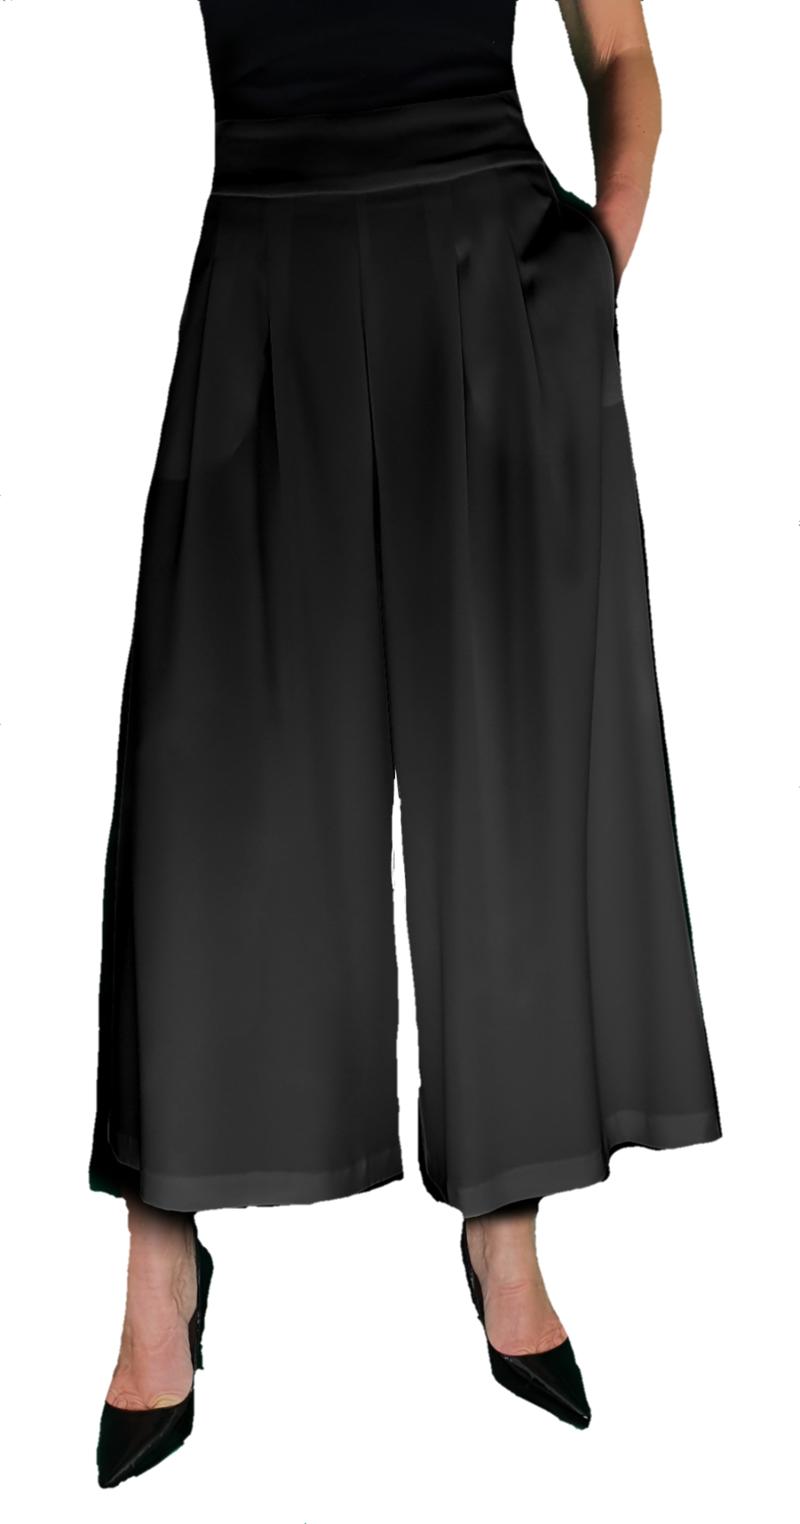 gonna-pantalone-nera-art-655